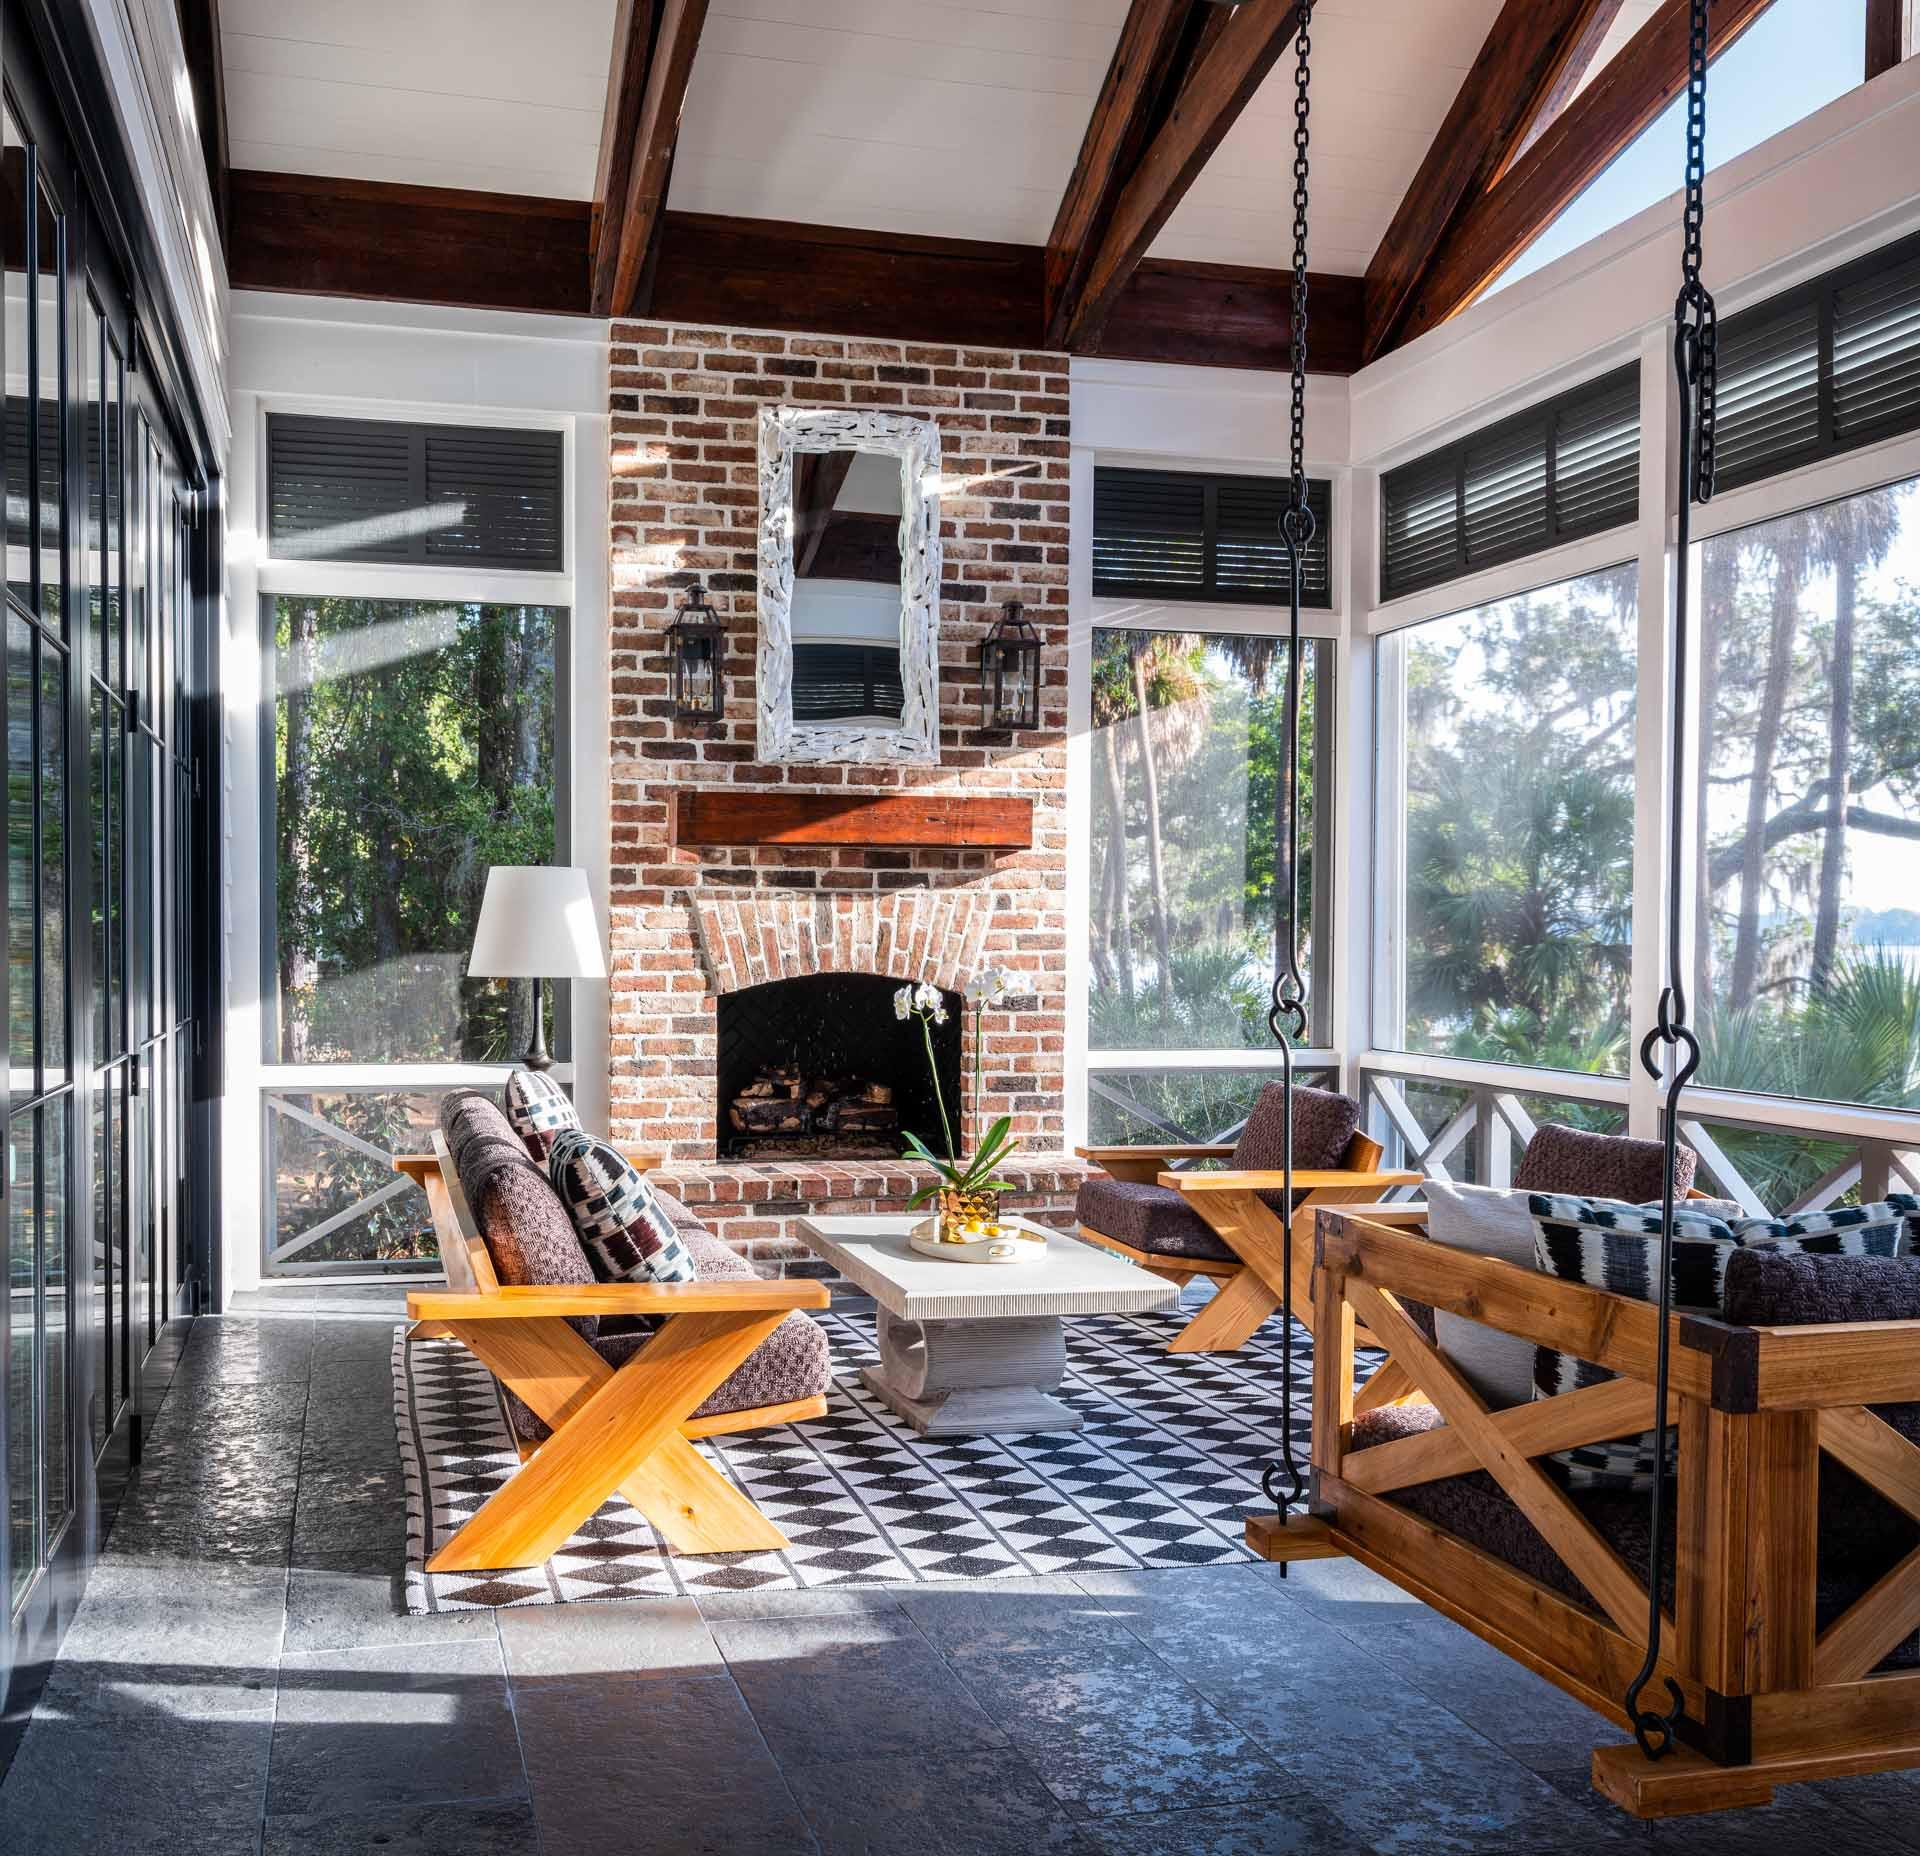 15 Beautiful Farmhouse Sunroom Designs You Will Enjoy Sitting In